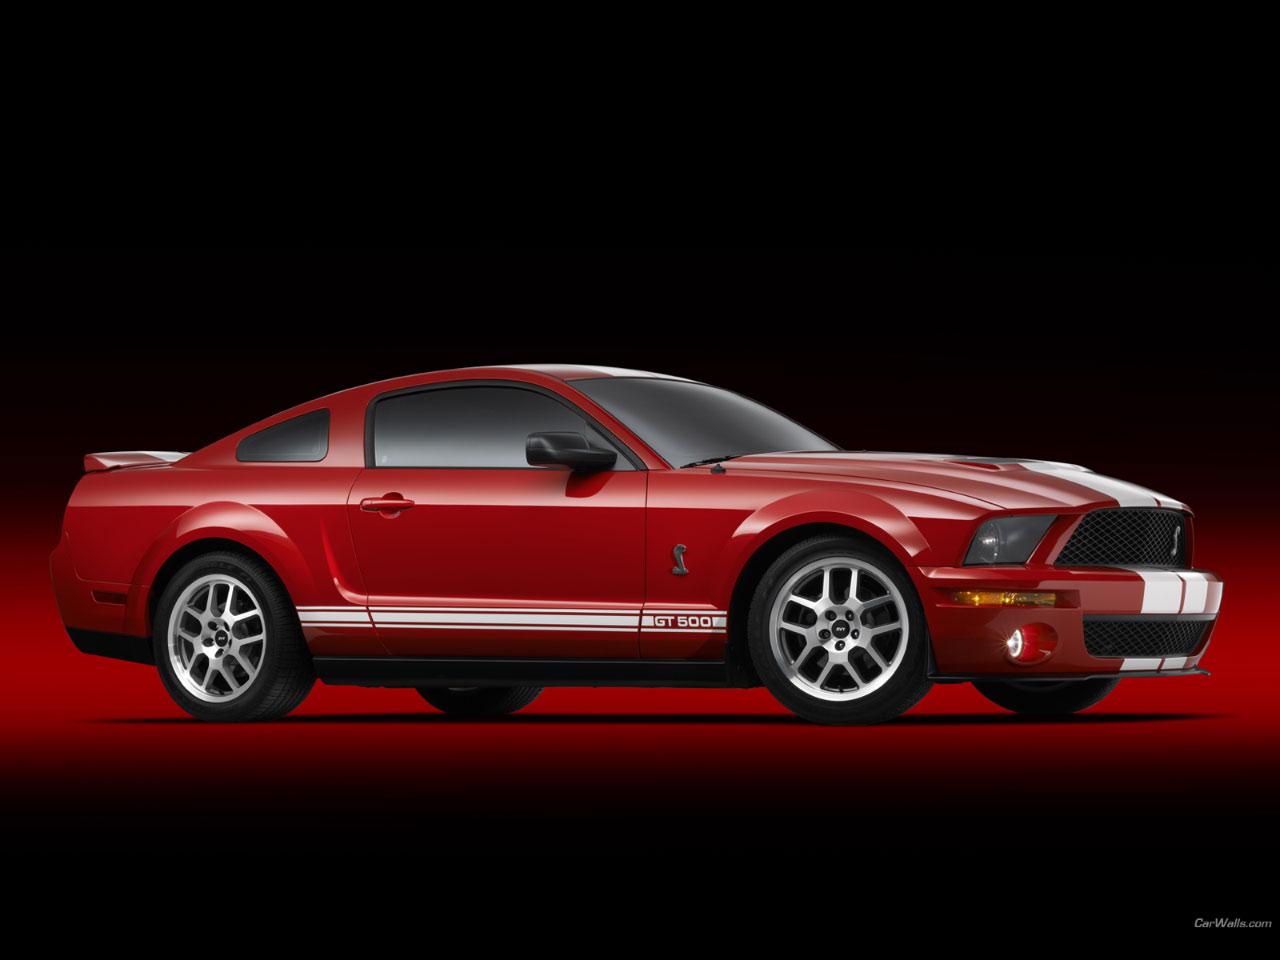 Shelby GT500 1280x960 b72 - Tapety na pulpit - samochody sportowe, luksusowe, supersamochody